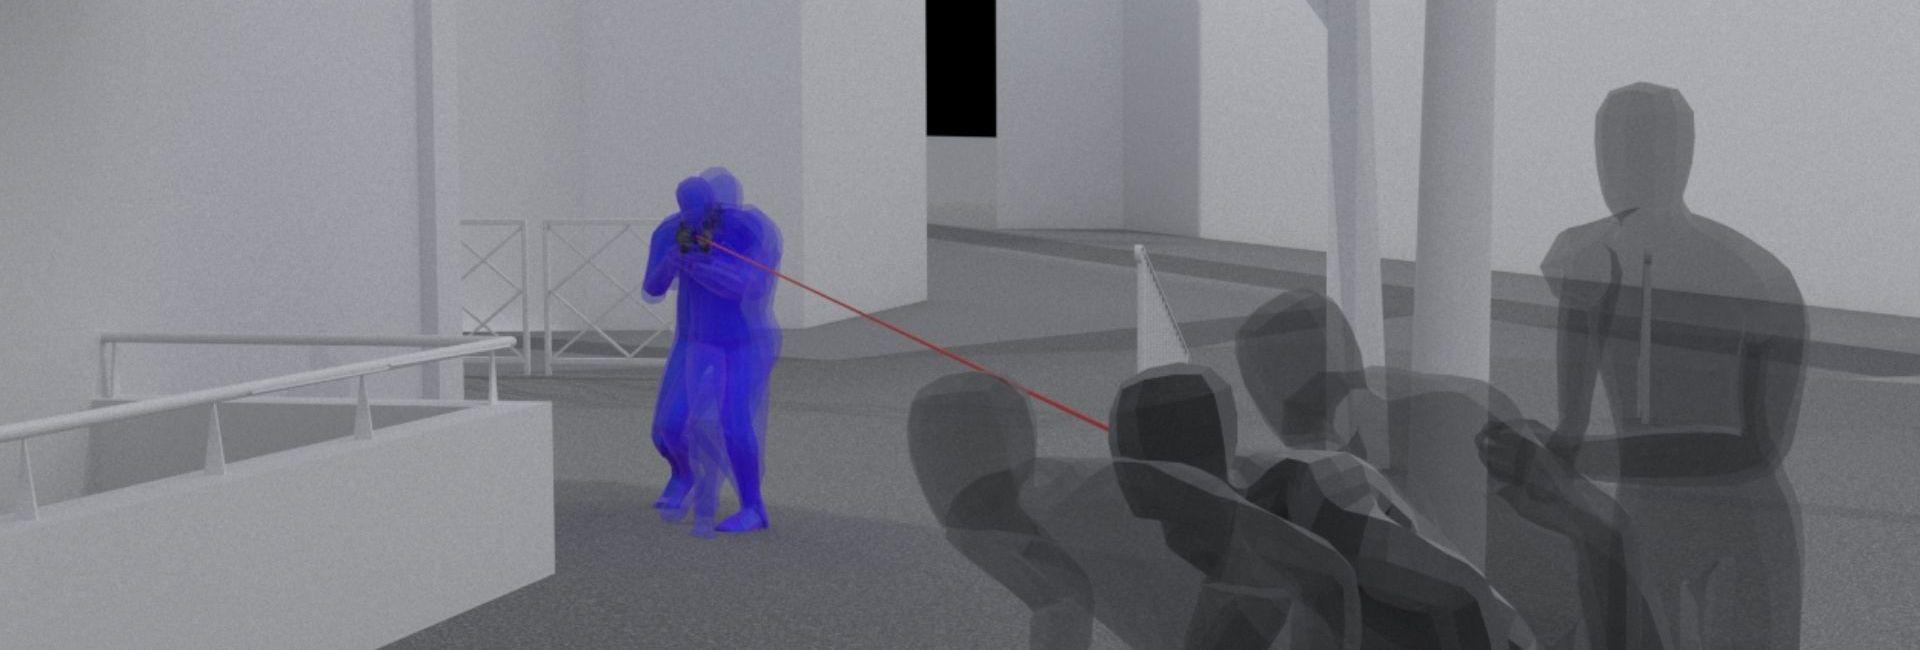 Capture d'écran d'une modélisation 3D créée par Index